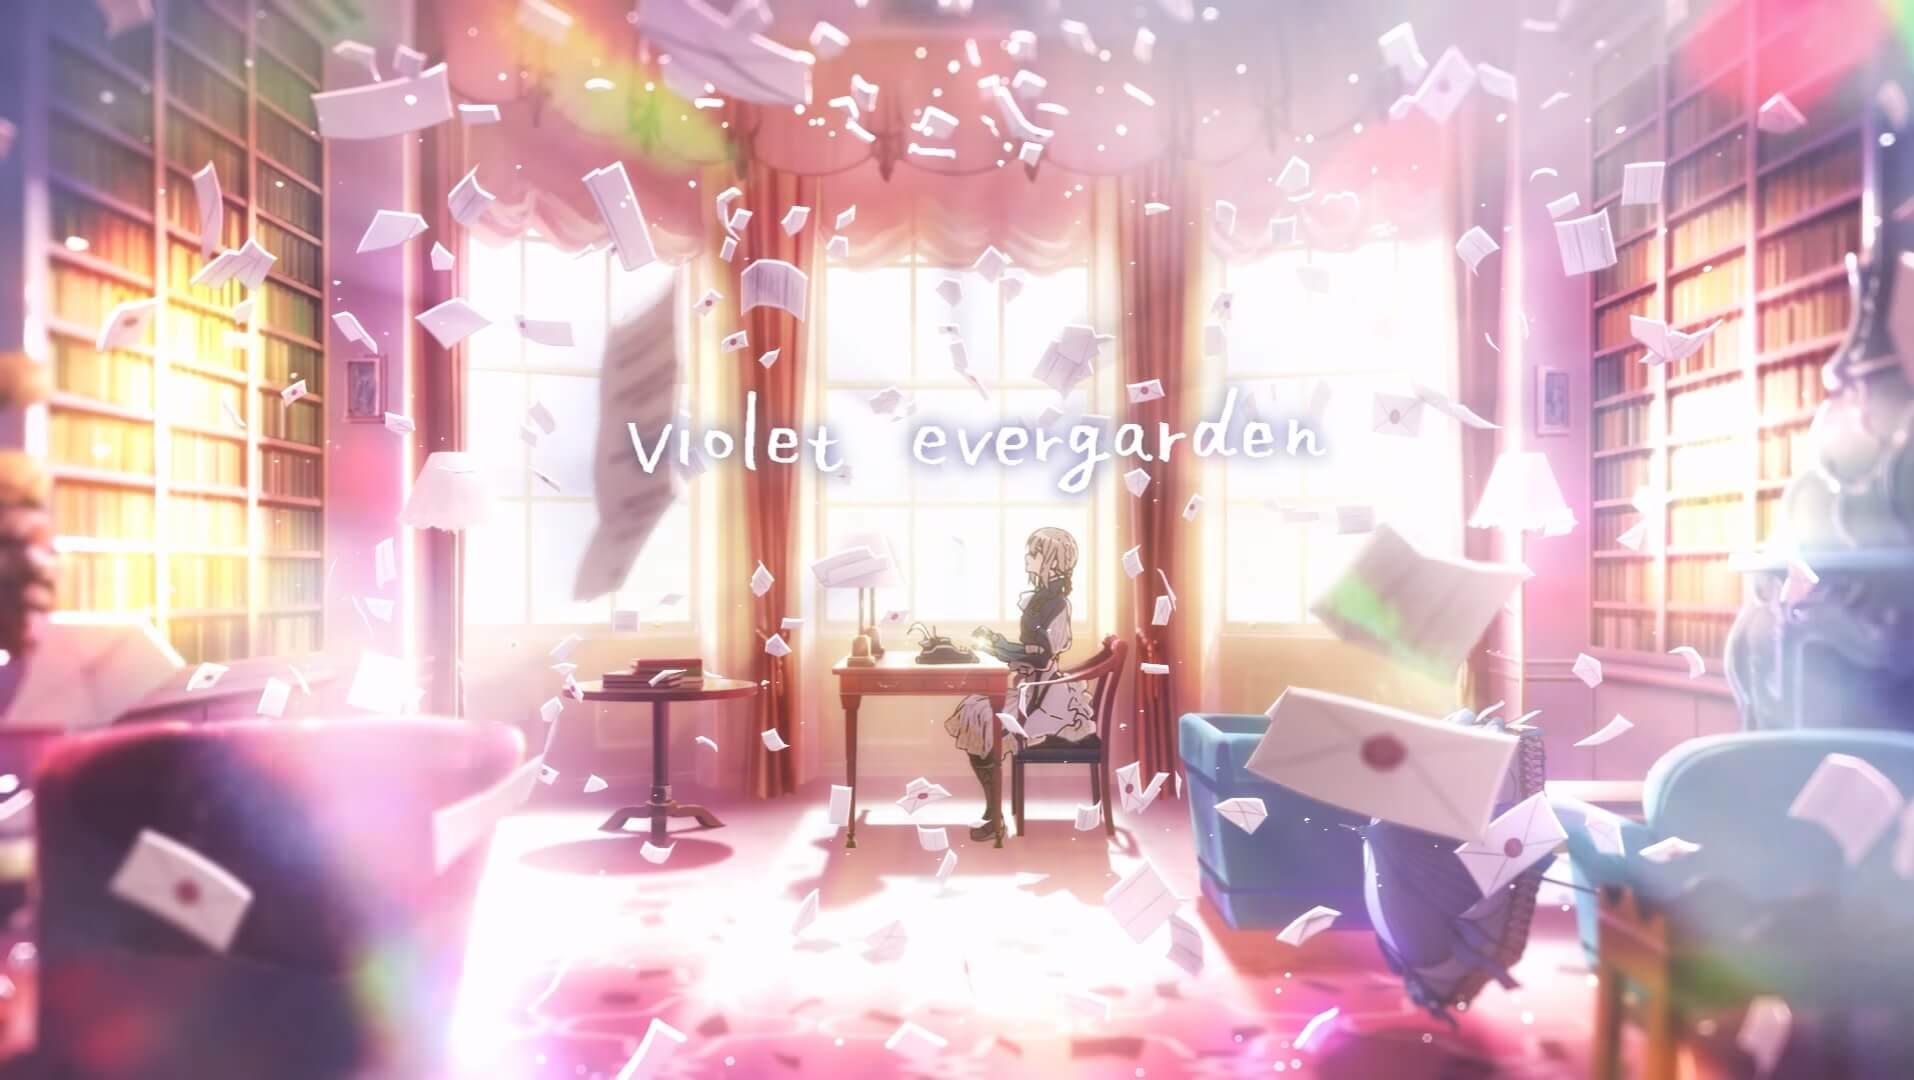 Violet Evergarden revela novo Trailer e Data de Estreia